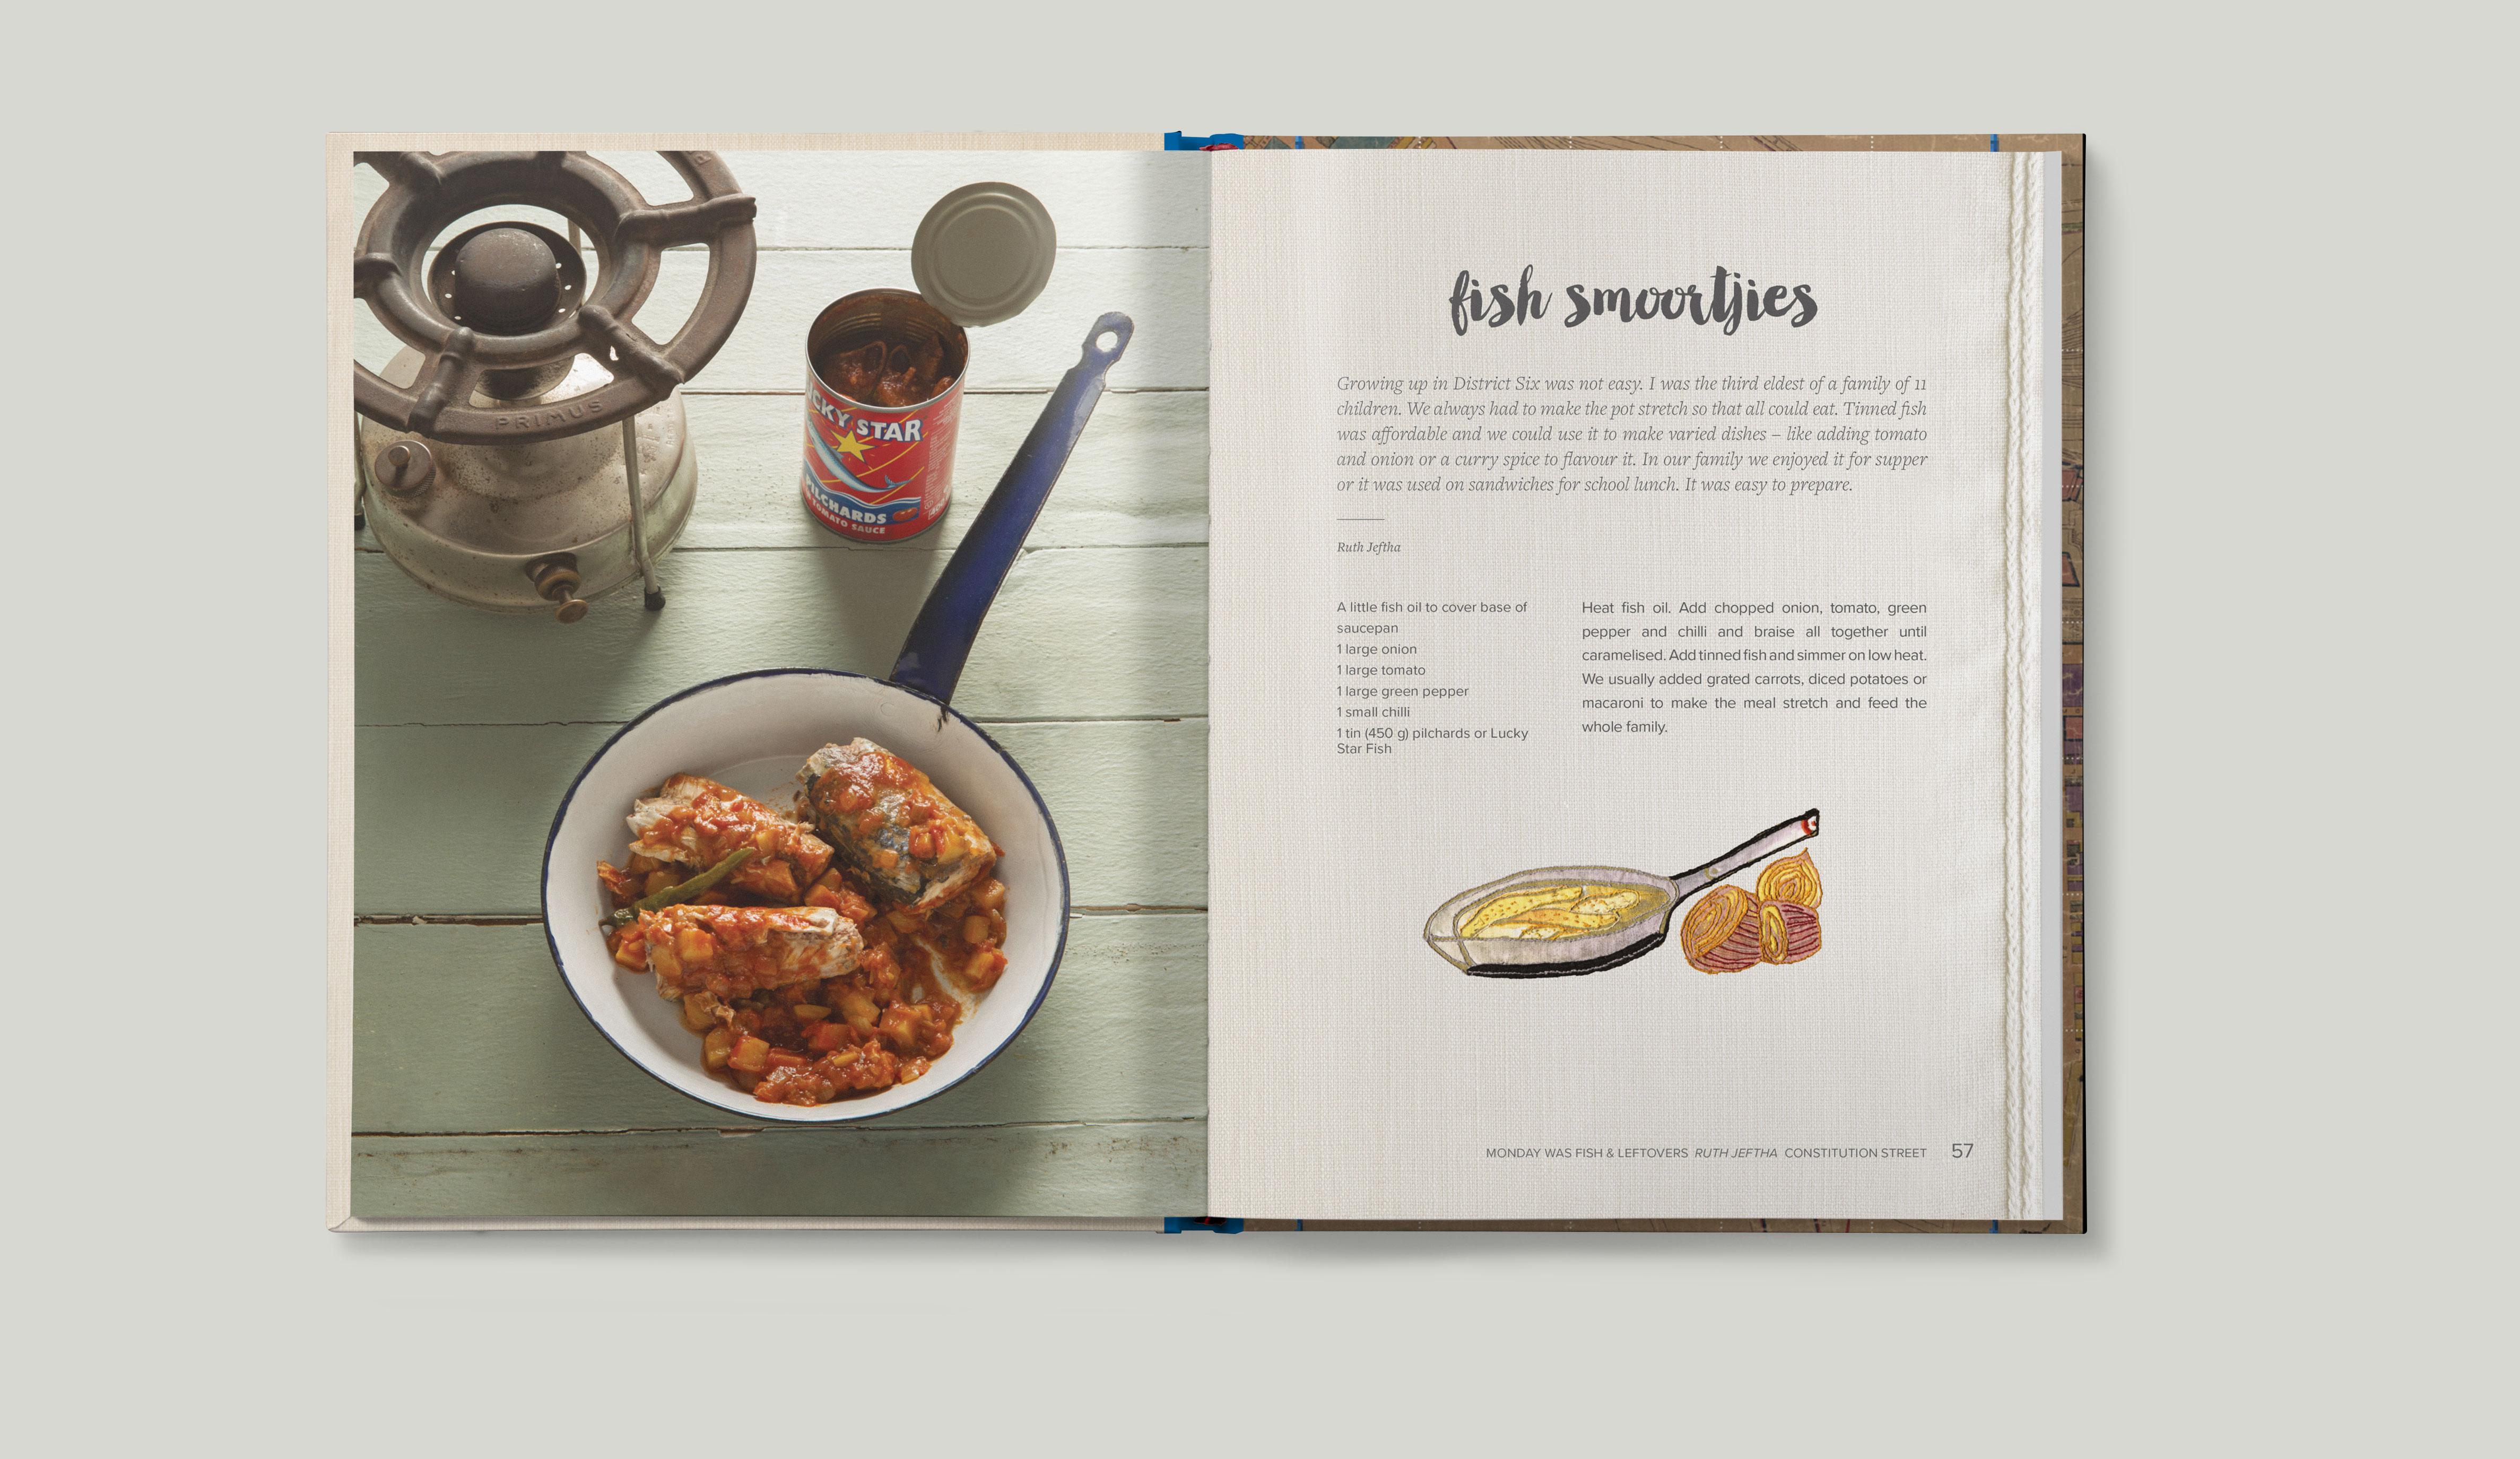 district-six-huis-kombuis-fish-smoortjies-heritage-budget-recipe